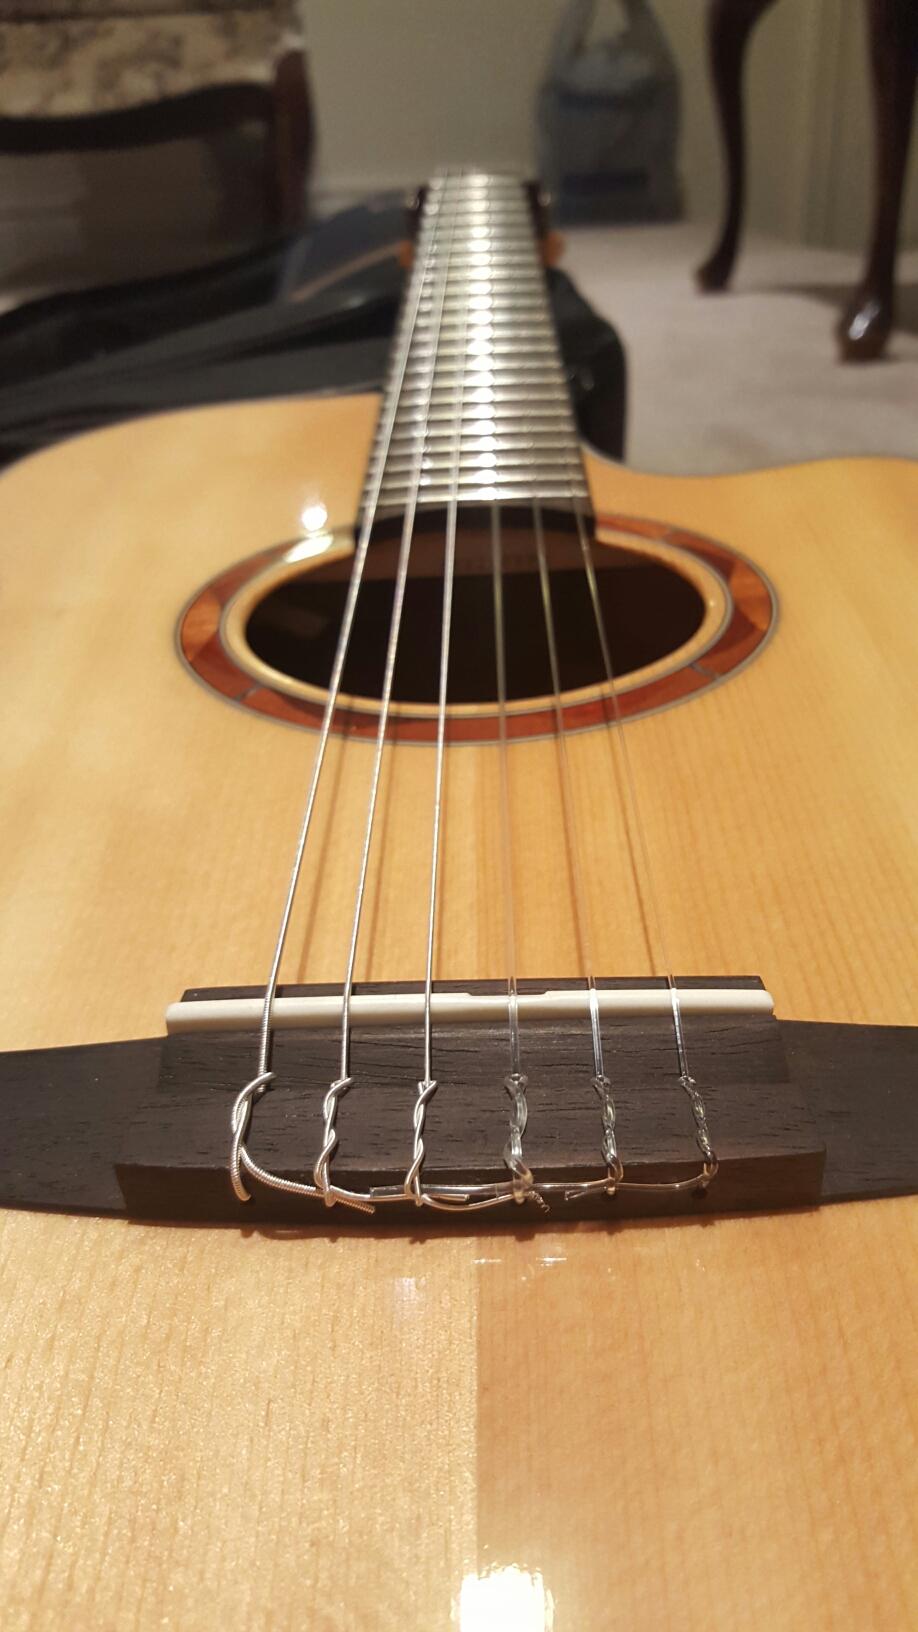 Guitar Tune Up : snappy fridays guitar tune up i just wrote a blog ~ Hamham.info Haus und Dekorationen